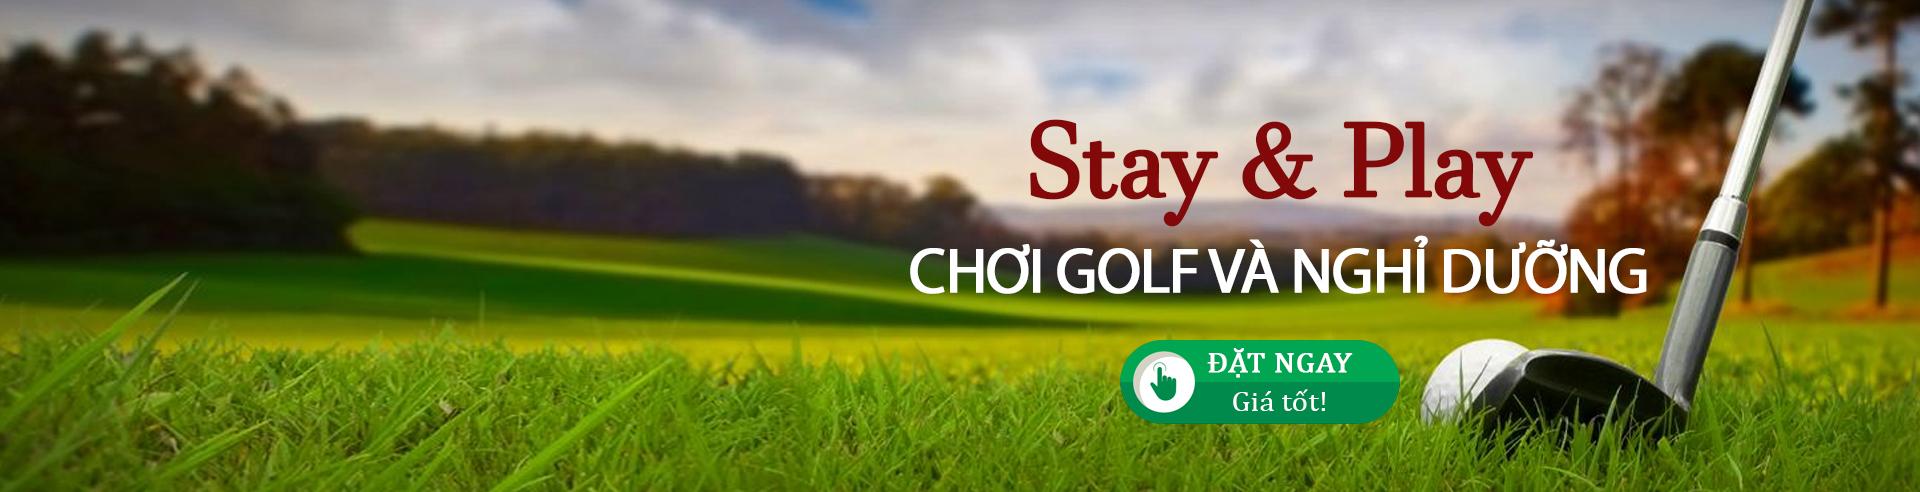 Stay And Play Đánh golf và Nghỉ dưỡng